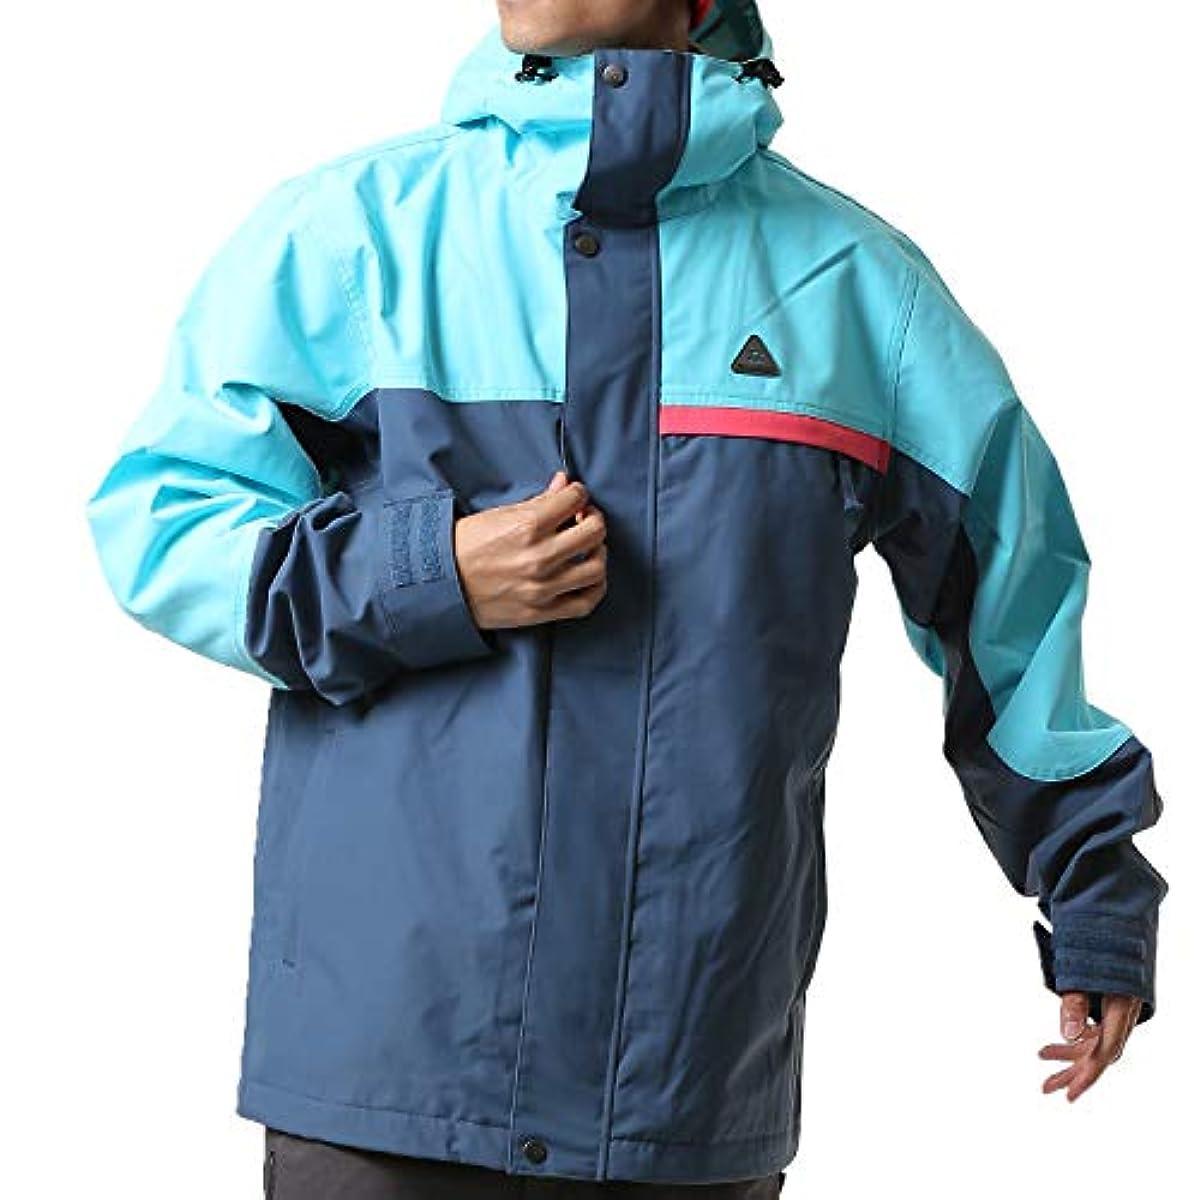 [해외] BILLABONG 빌라봉 스노보드 웨어 재킷 LIGHT SHELL JACKET 18-19모델 맨즈 AI01M-759